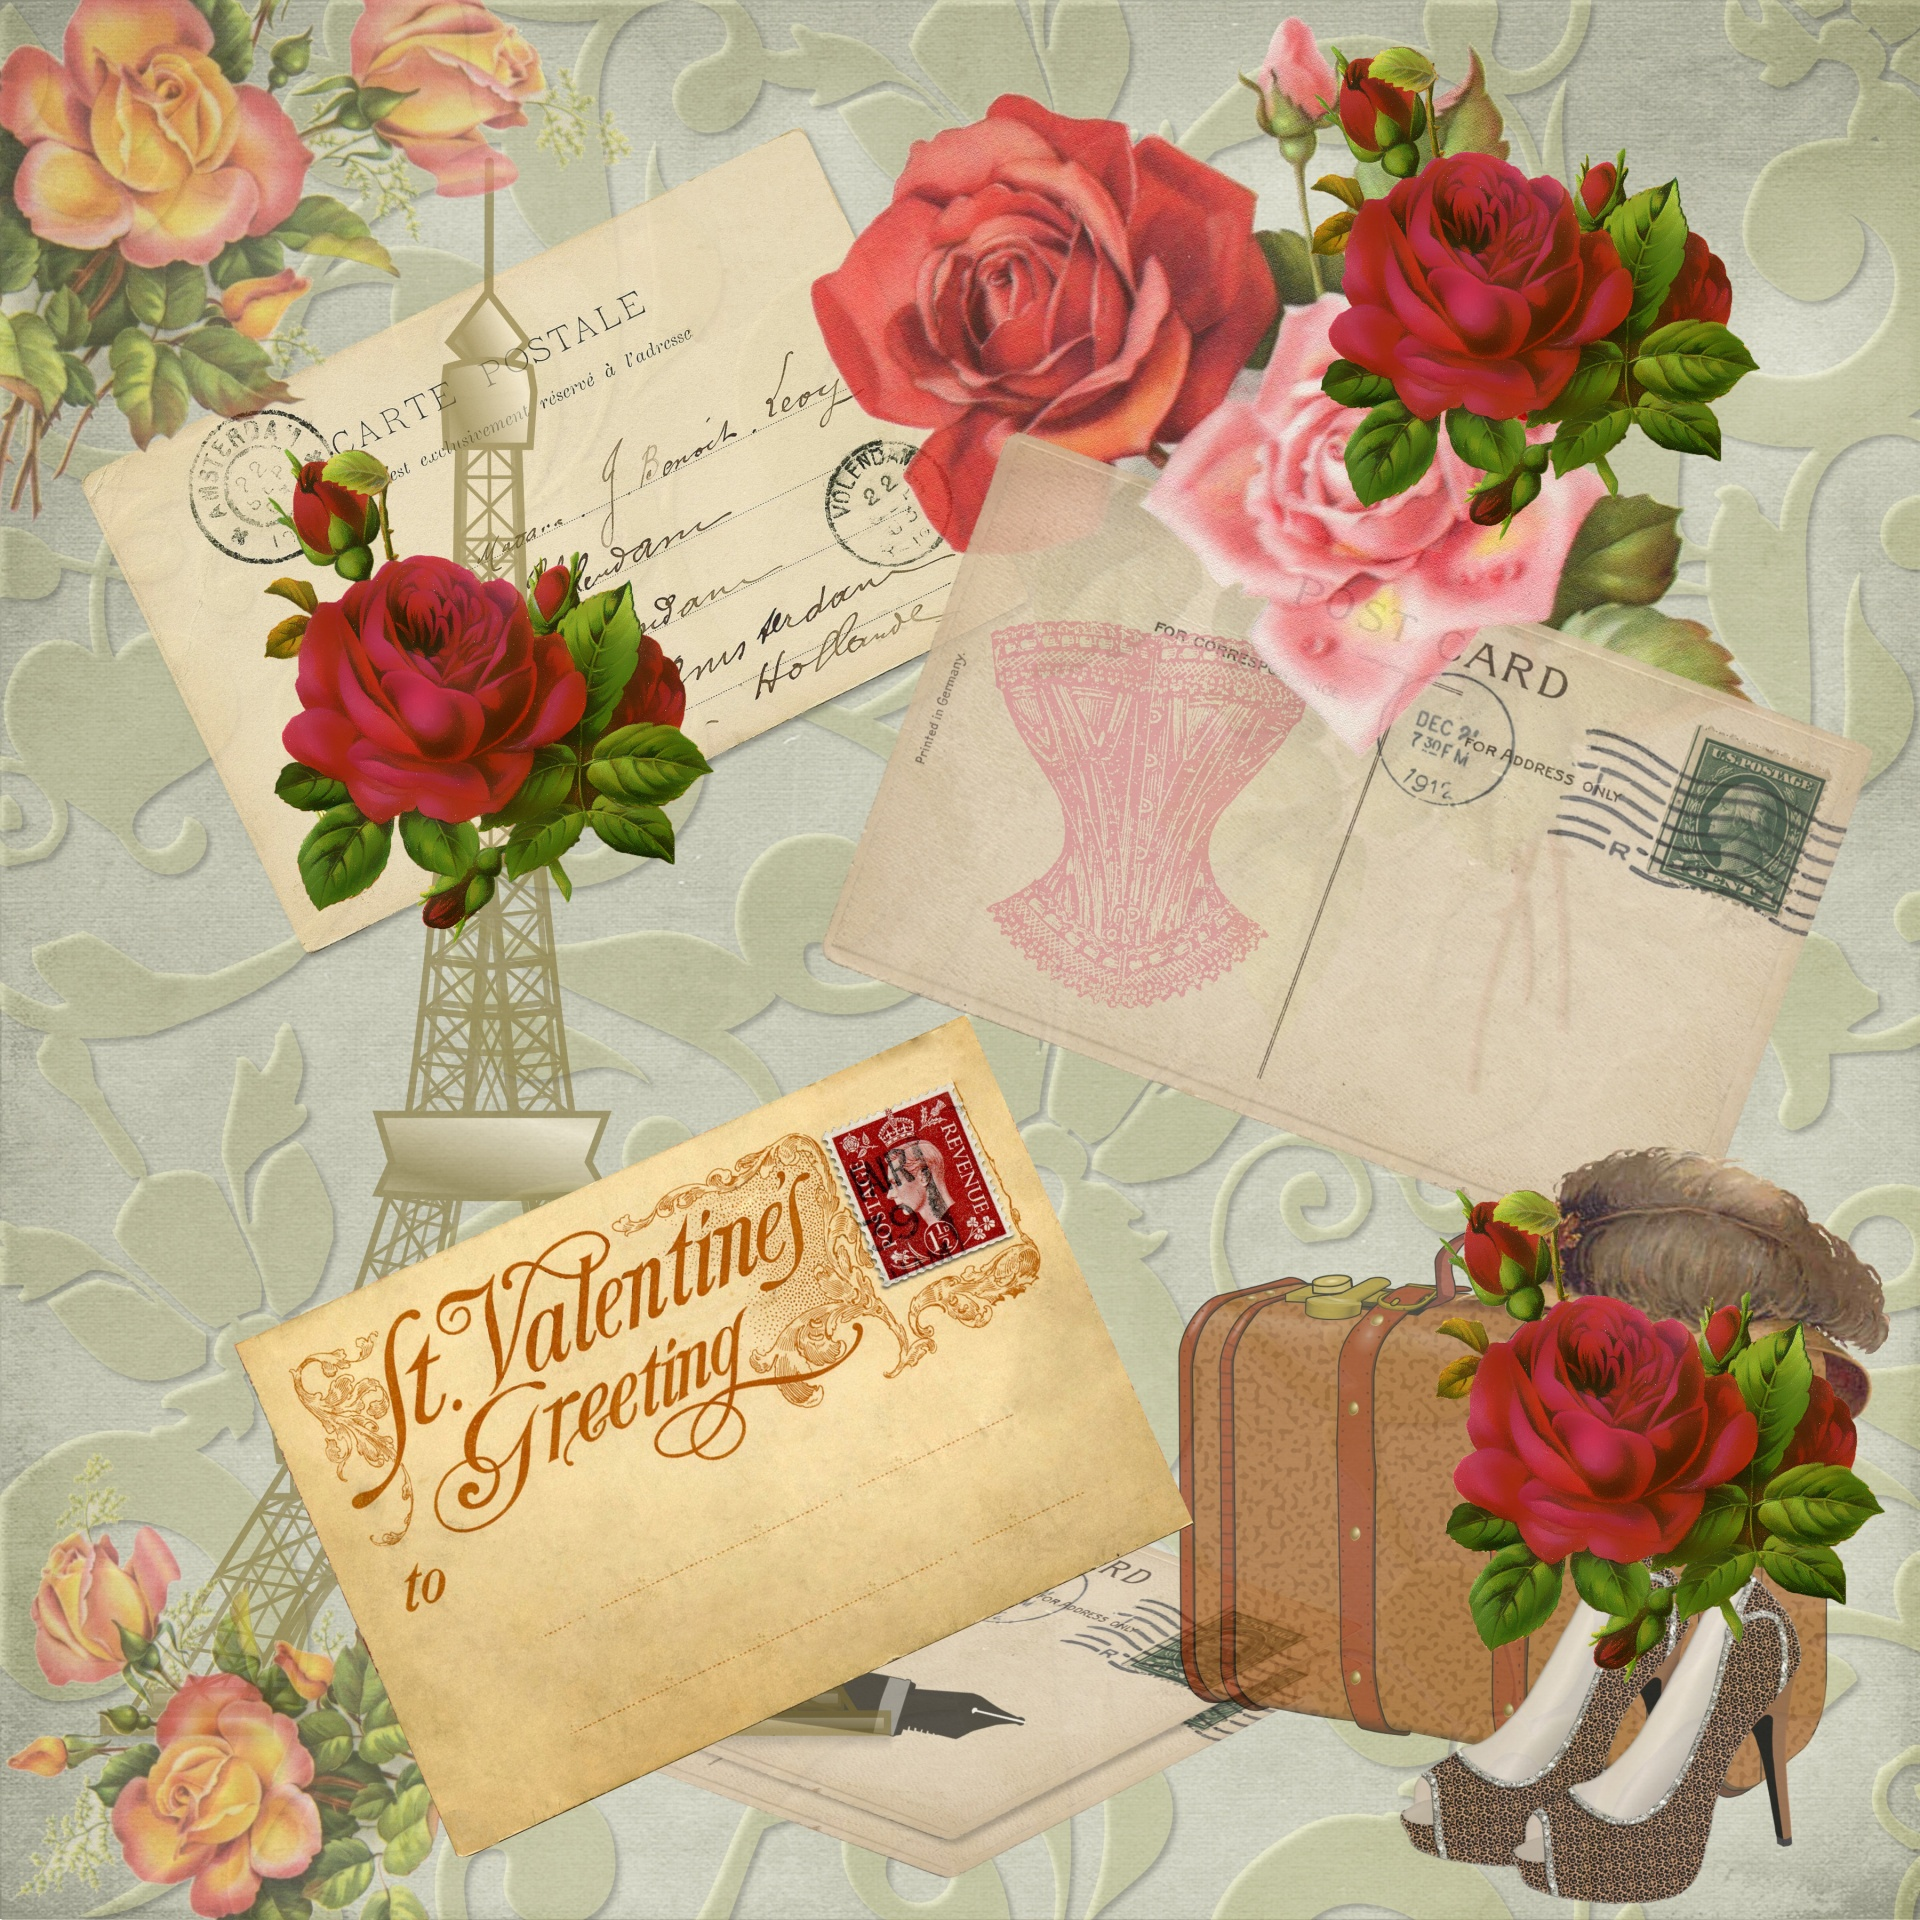 Valentine's Day, St. Valentine's Day, Love, Romance